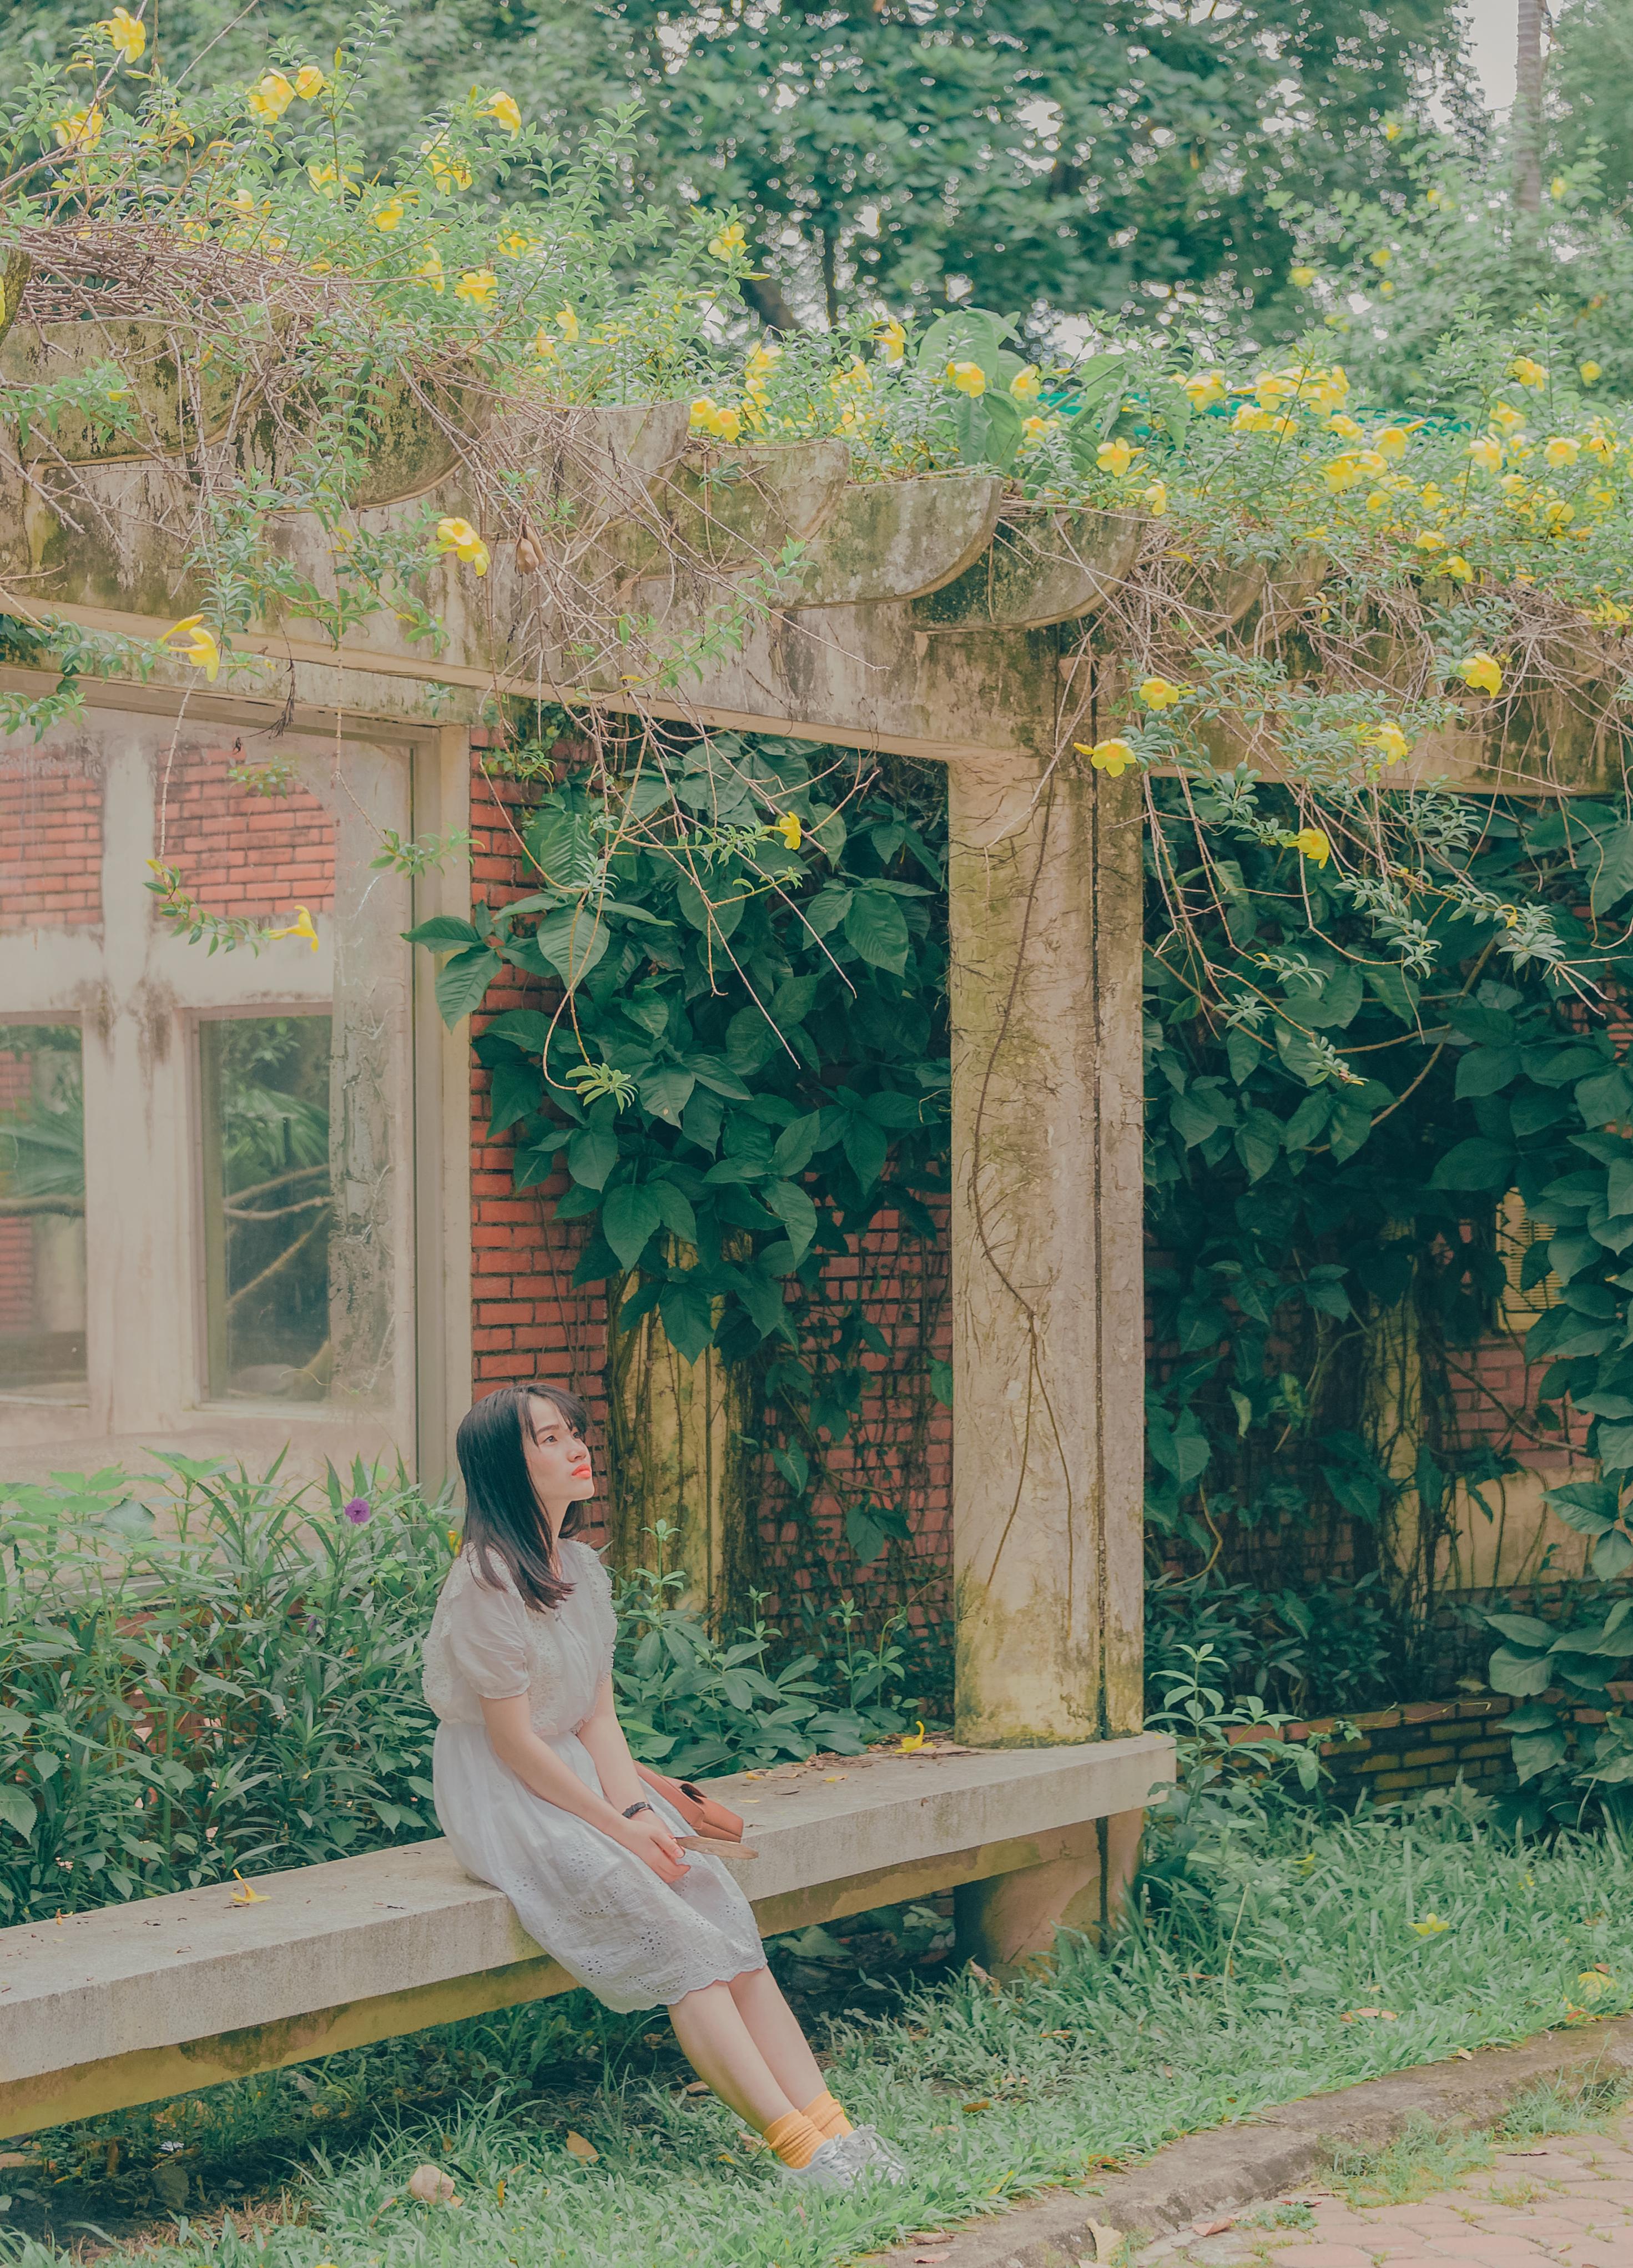 Free Images Photography Wallpaper Portrait Landscape Cute